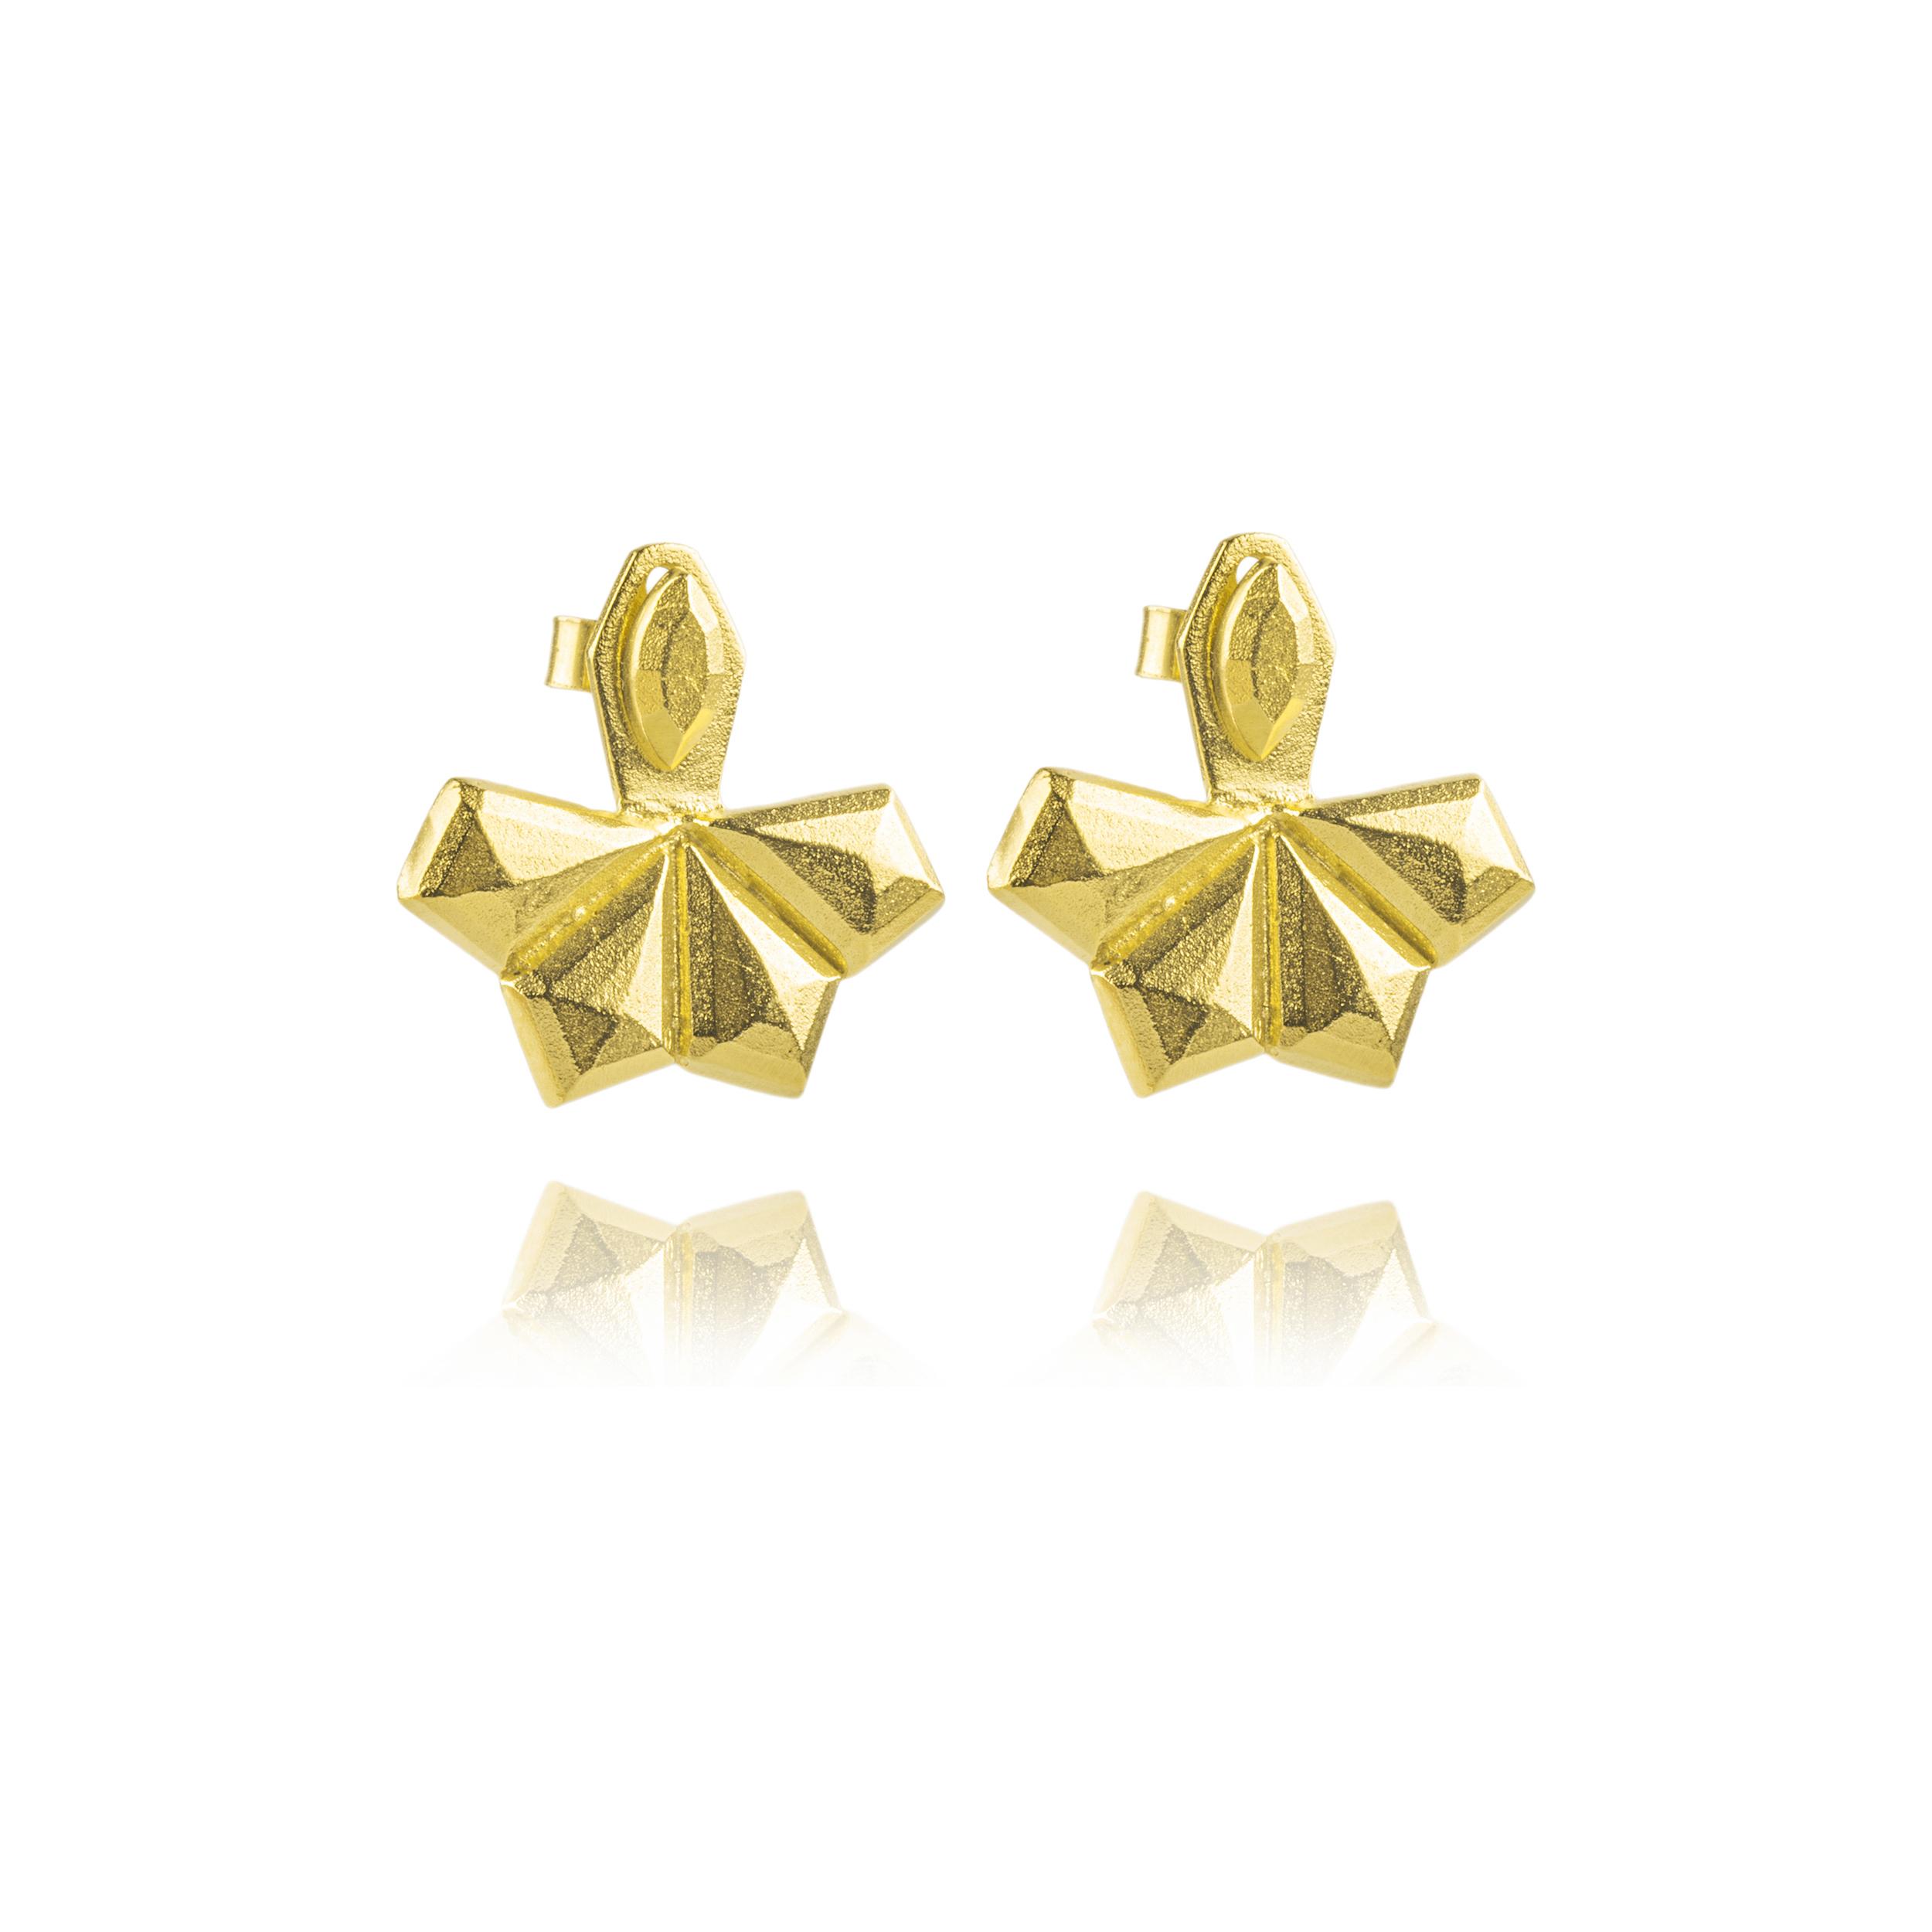 WWAN(1), Ella Ear-Jackets in Gold, 2016, £185.jpg